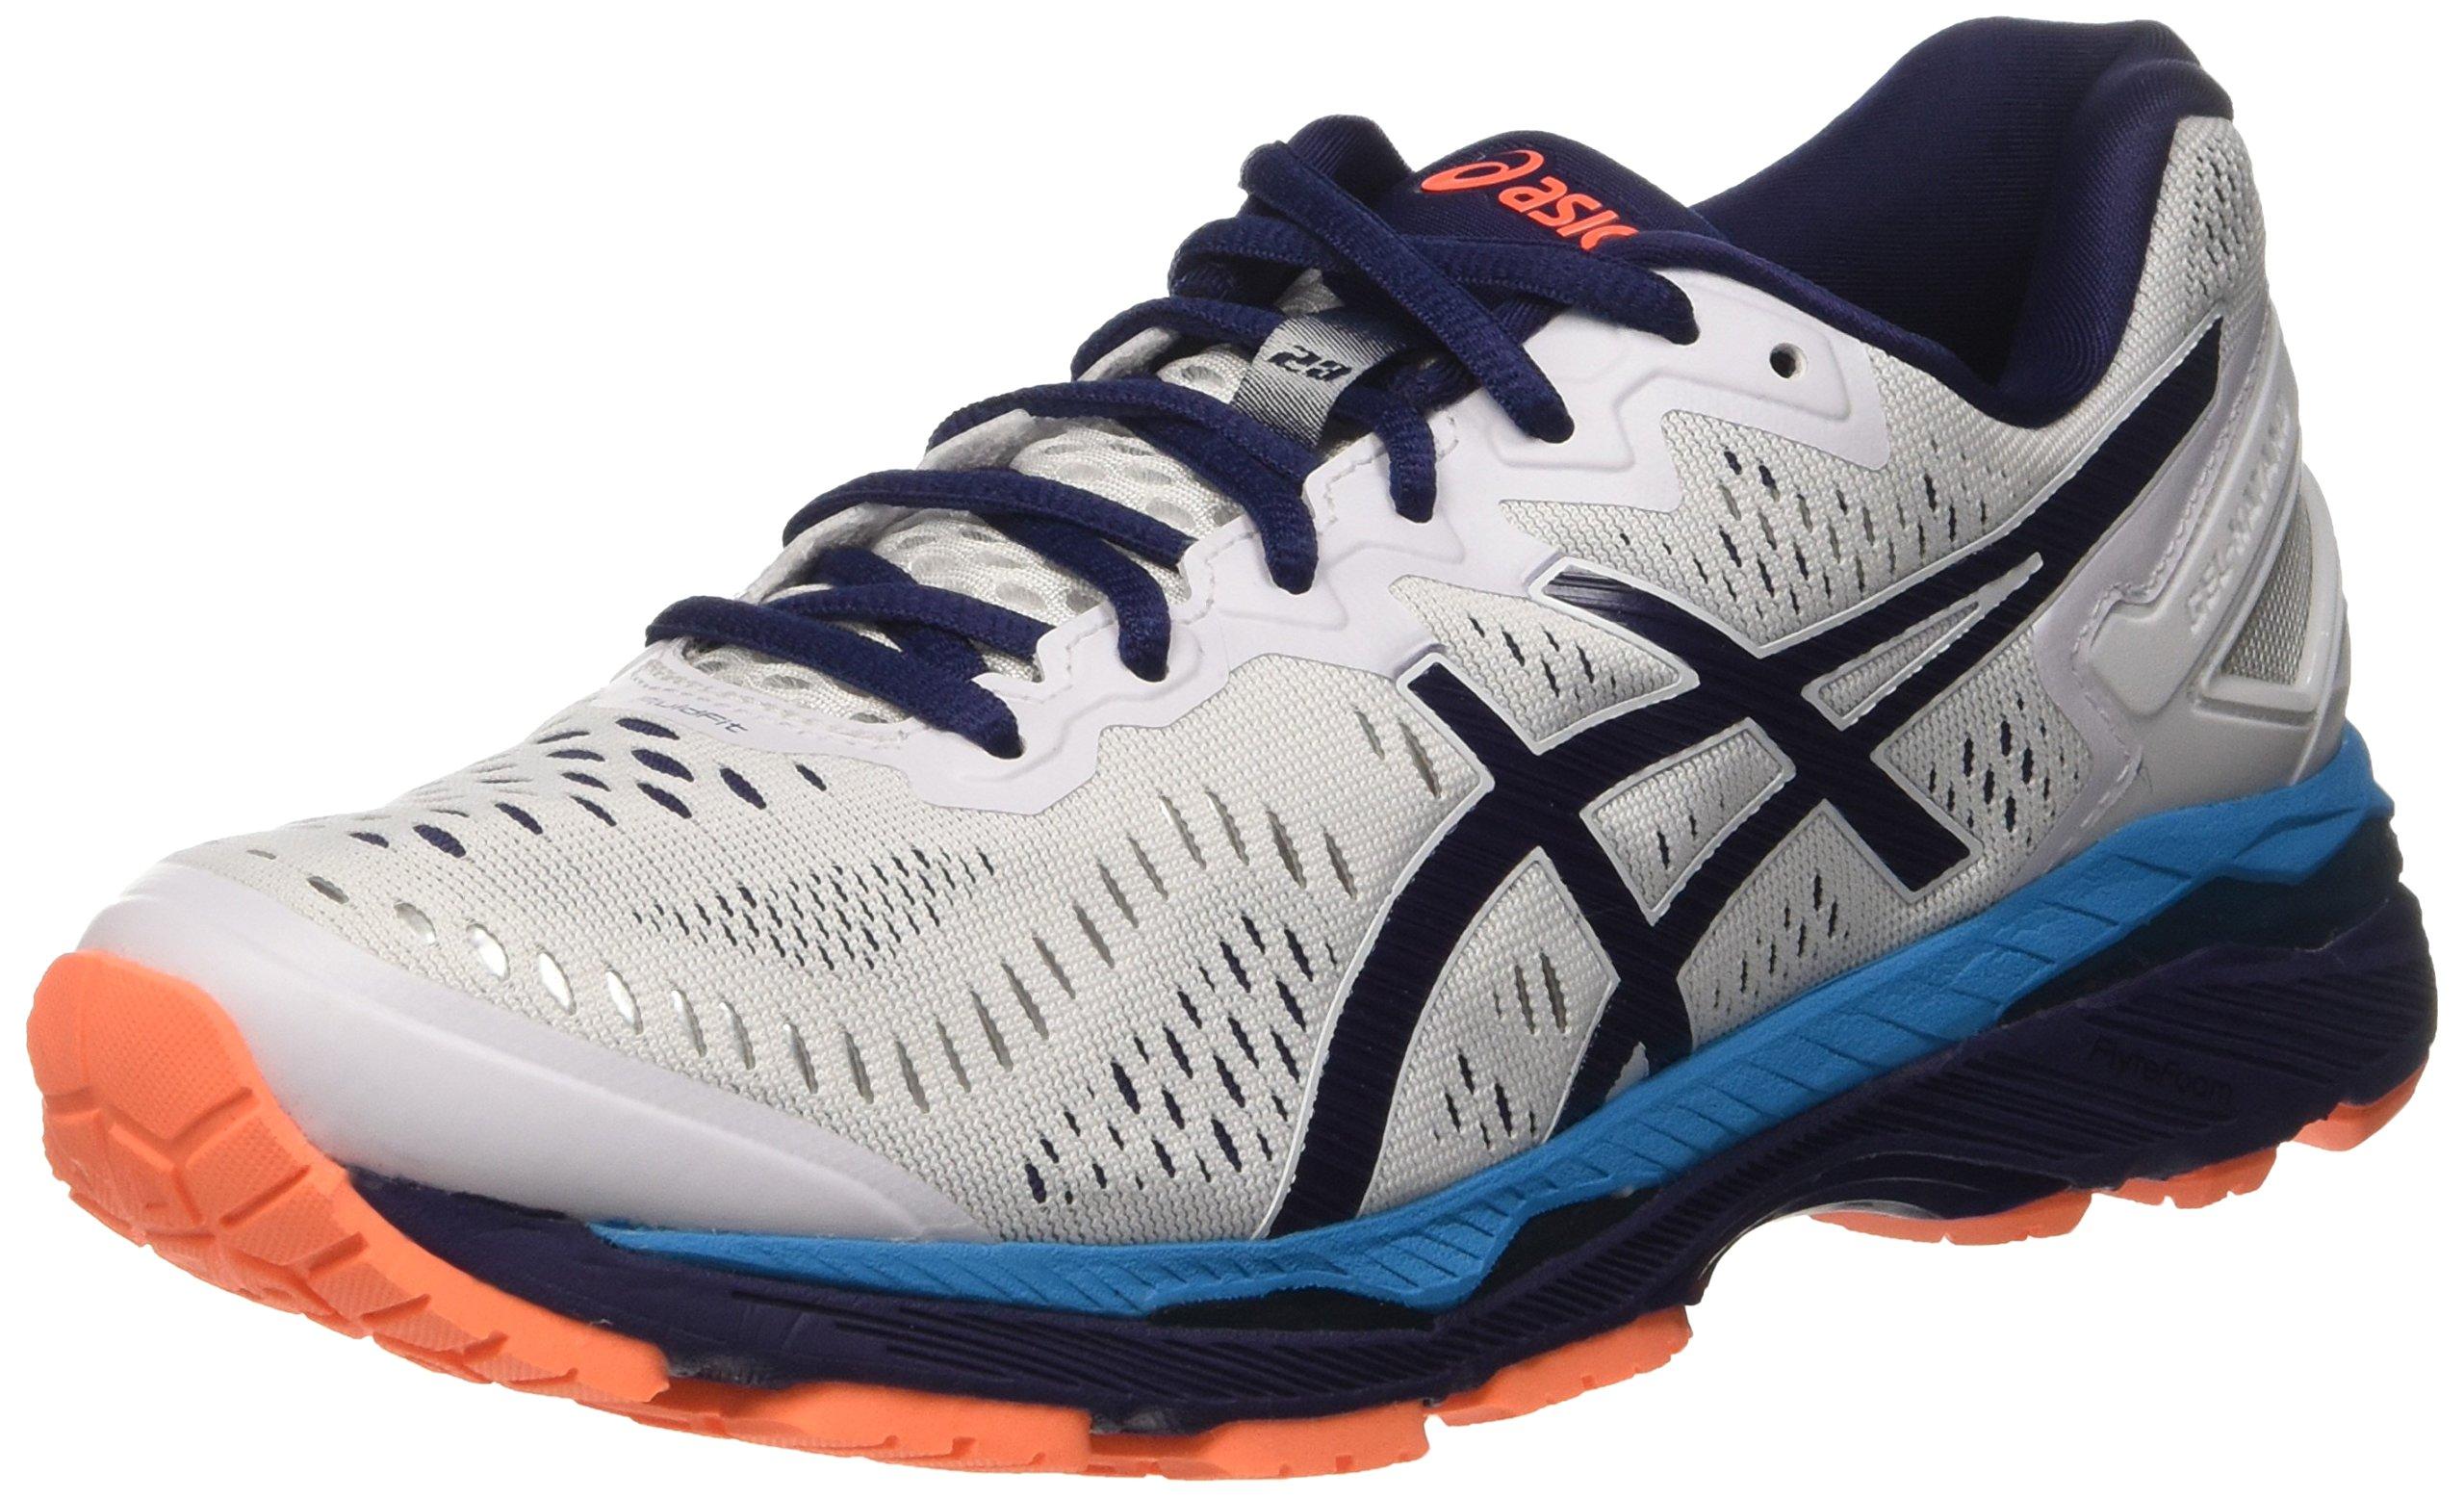 ASICS Gel-Kayano 23 Running Shoes - SS17-9.5 - White